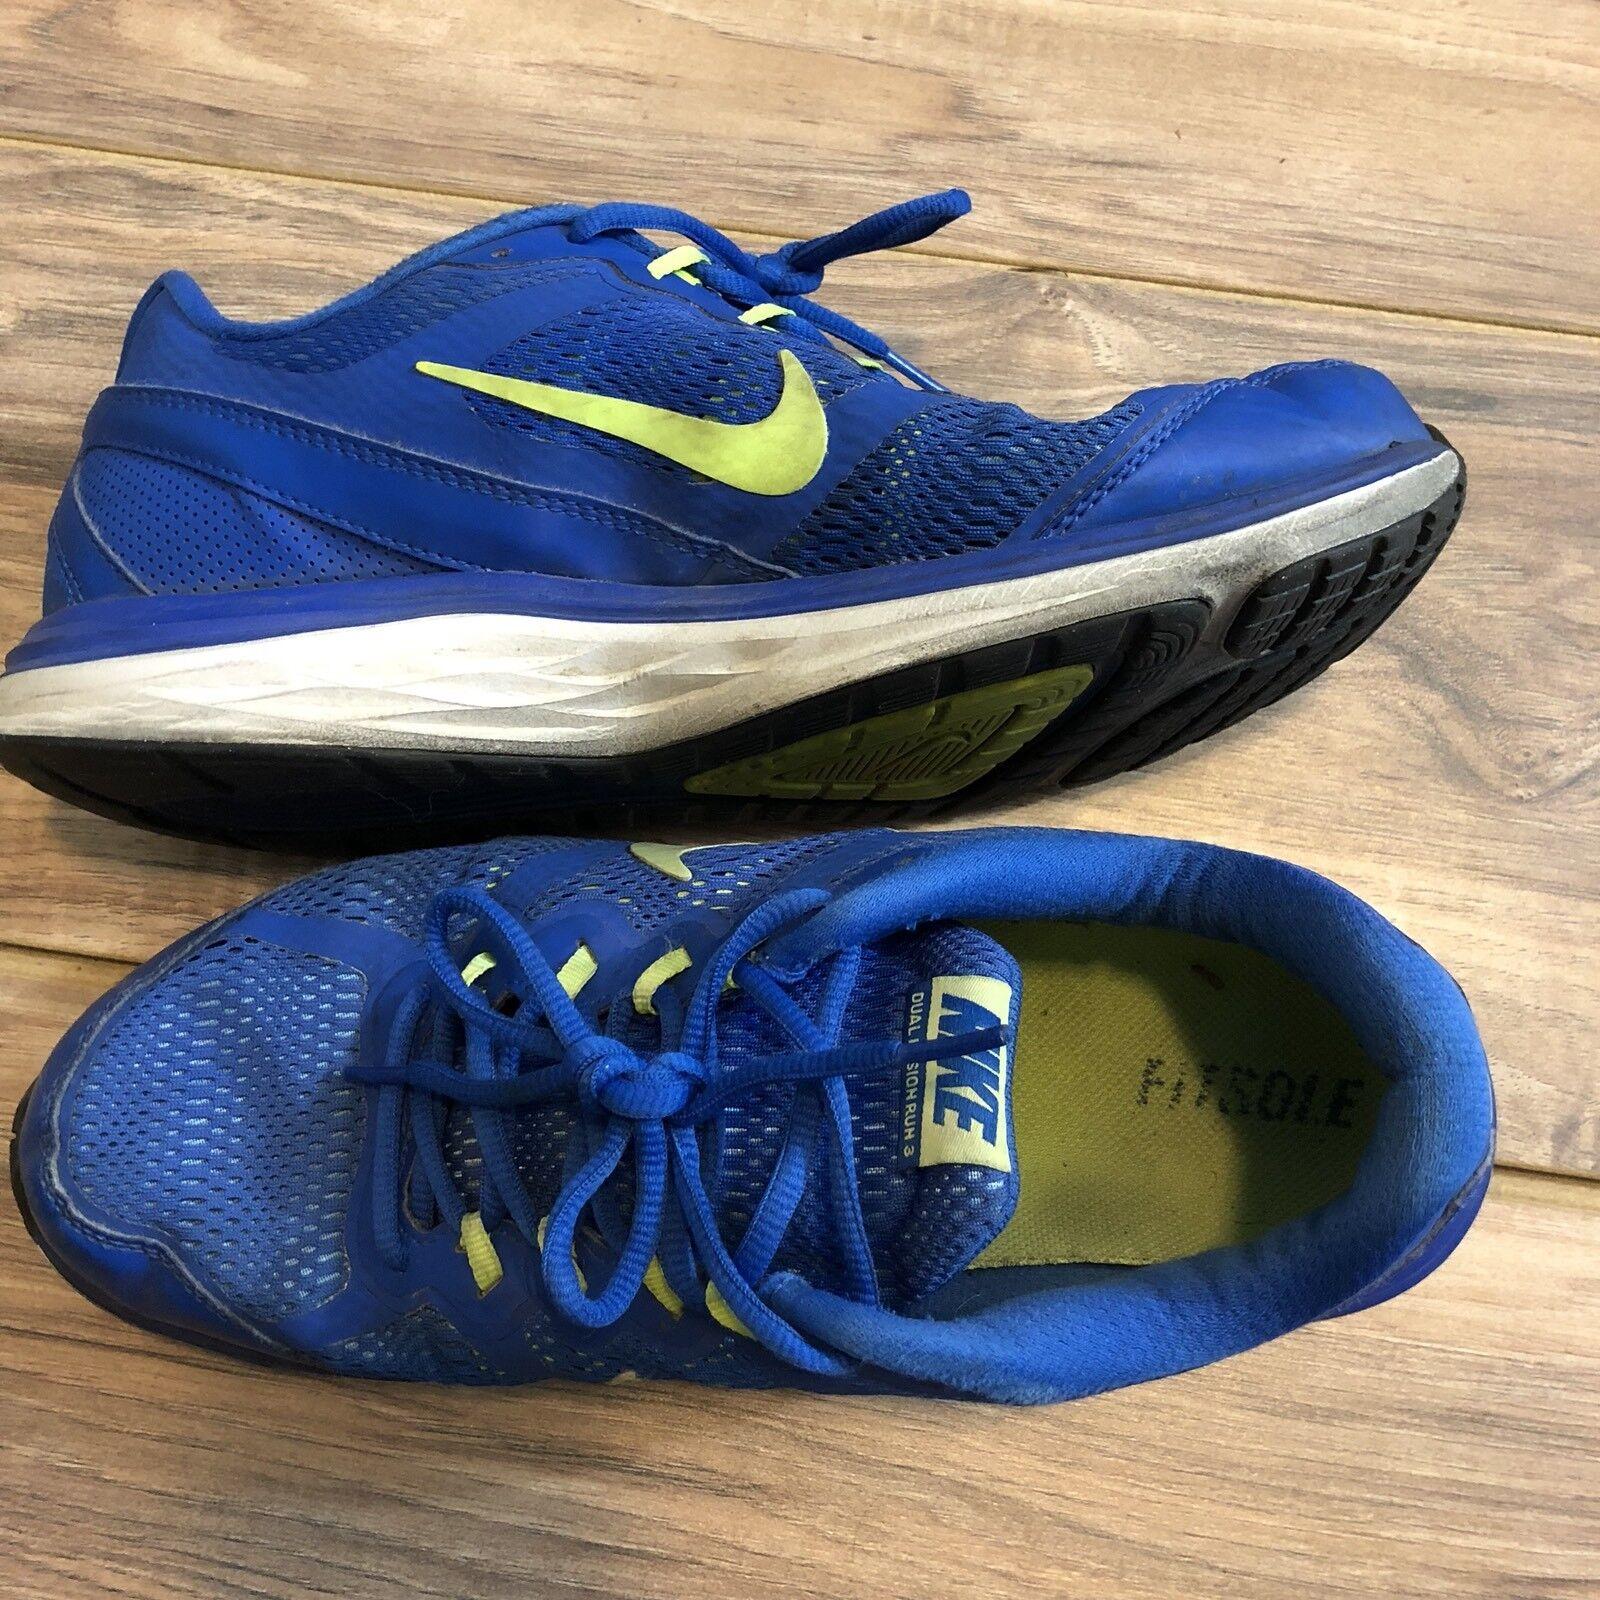 NIKE NIKE NIKE DUAL FUSION azul corriendo zapatos de los hombres de reducción de precio liquidación estacional 291569